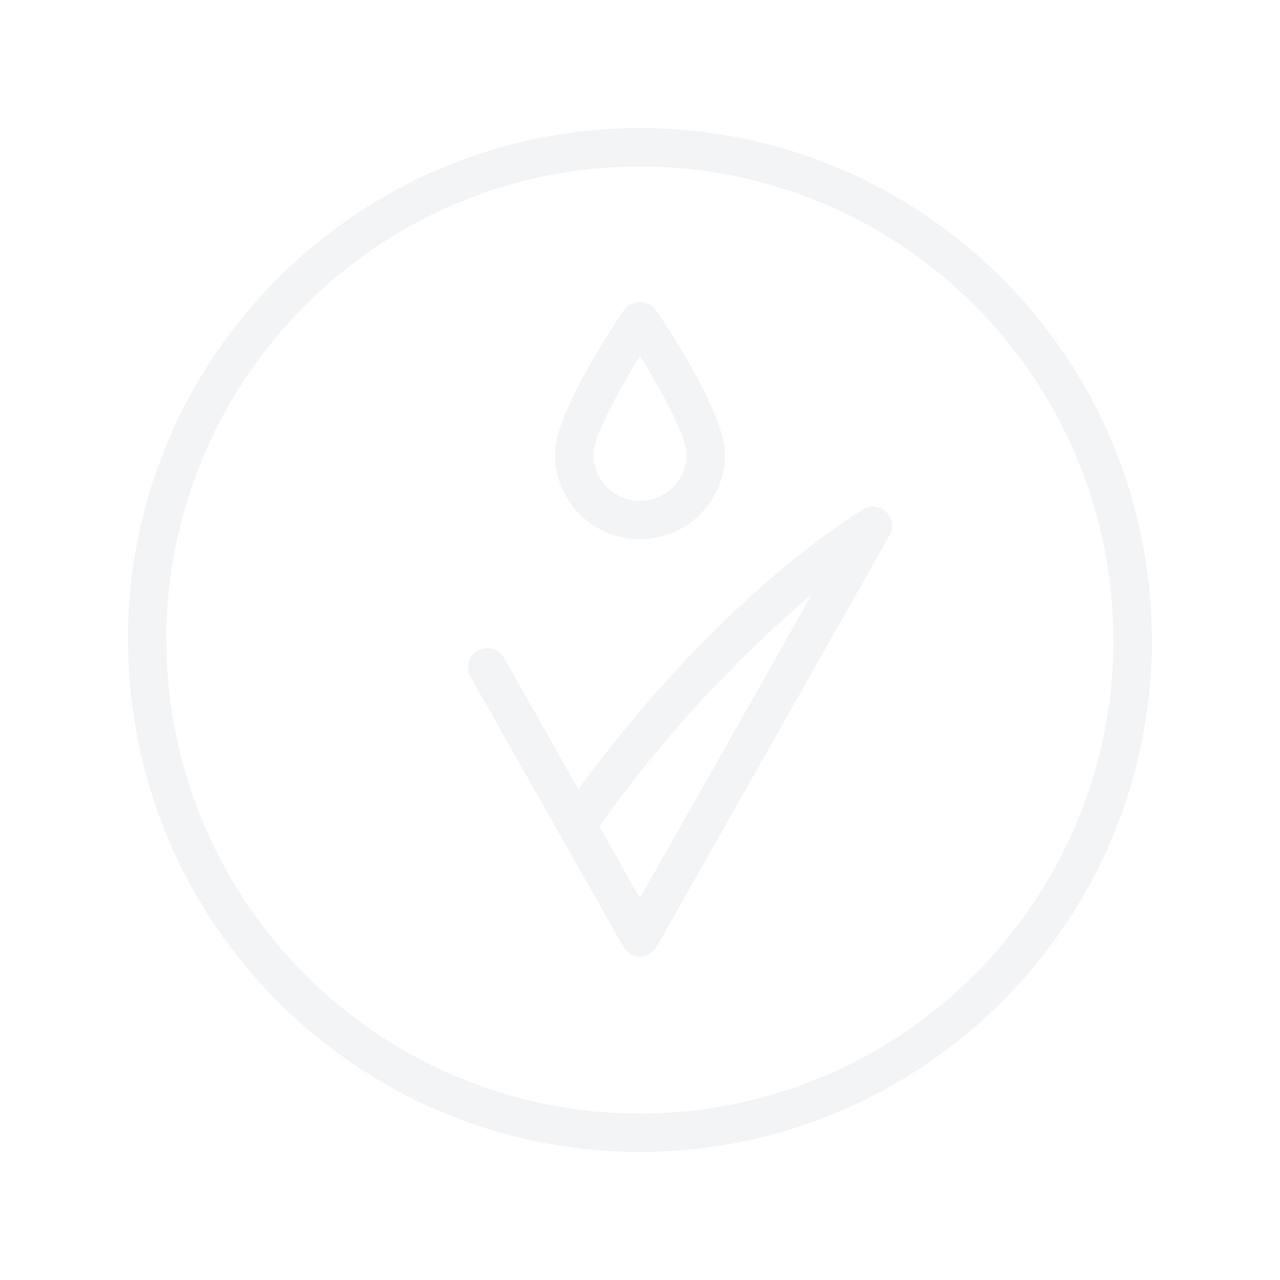 TIGI Bed Head Full Of It Volume Finishing Spray 371ml